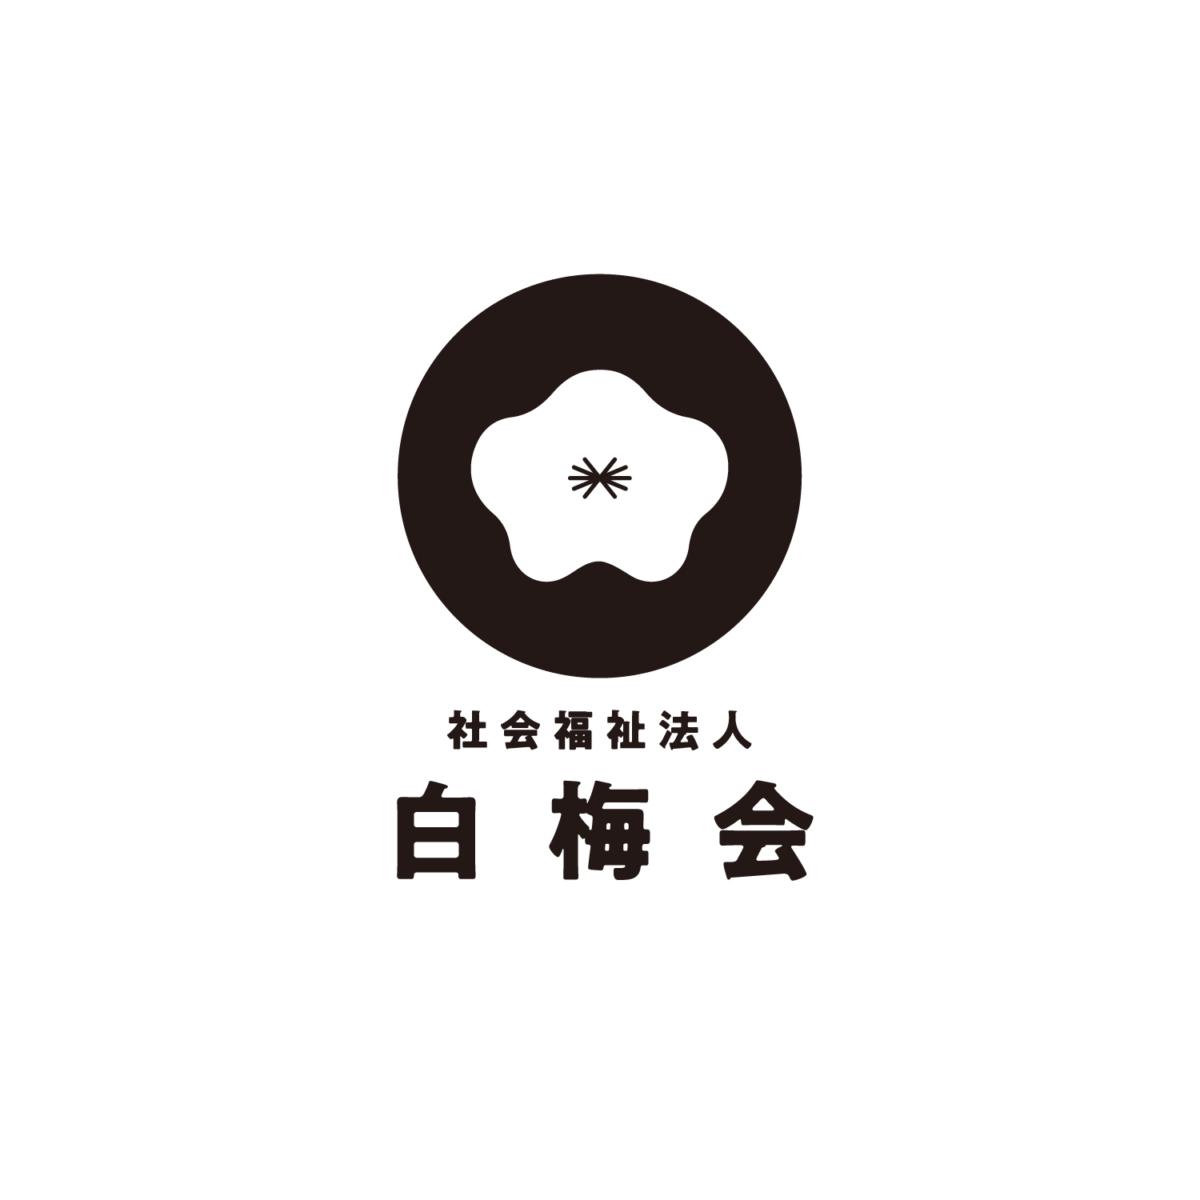 社会福祉法人白梅会|ロゴデザイン ブランドデザイン グラフィクデザイン|東京都府中市